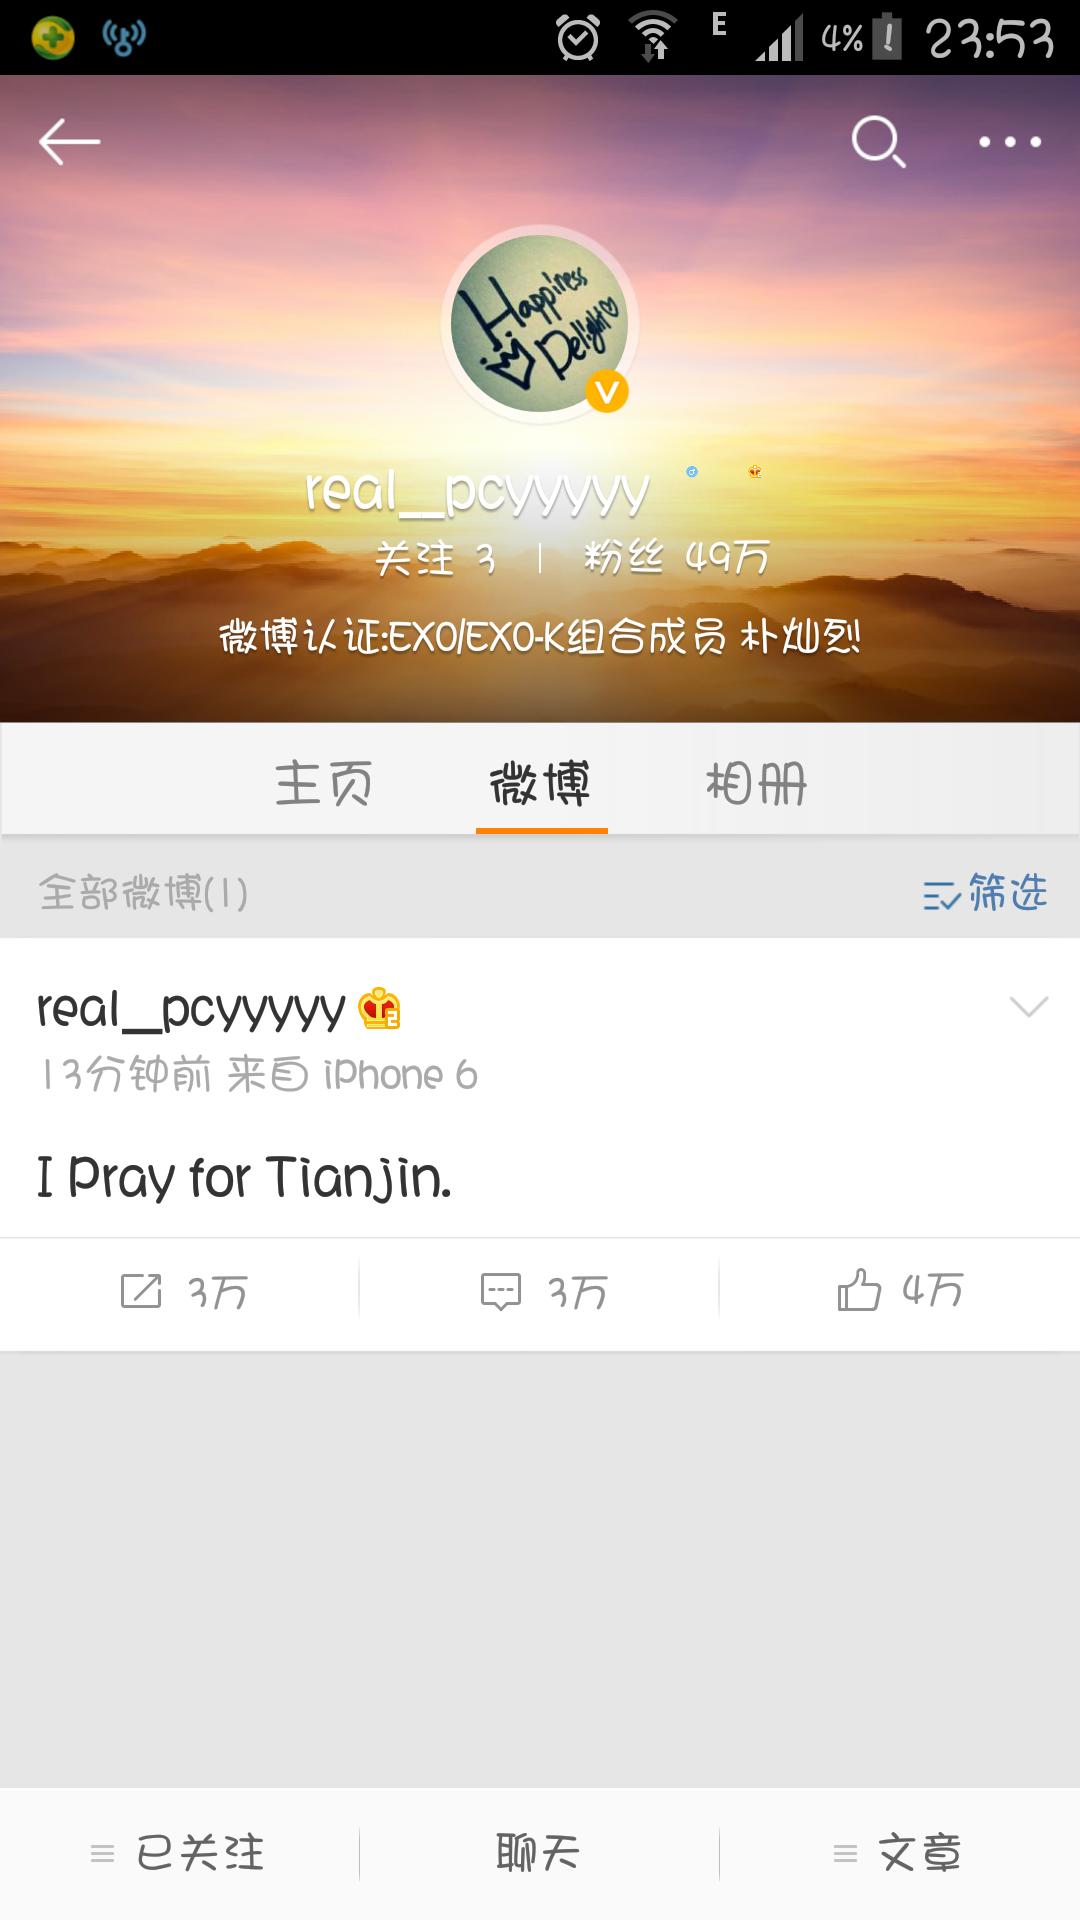 exo新浪微博可用的背景图片,大图